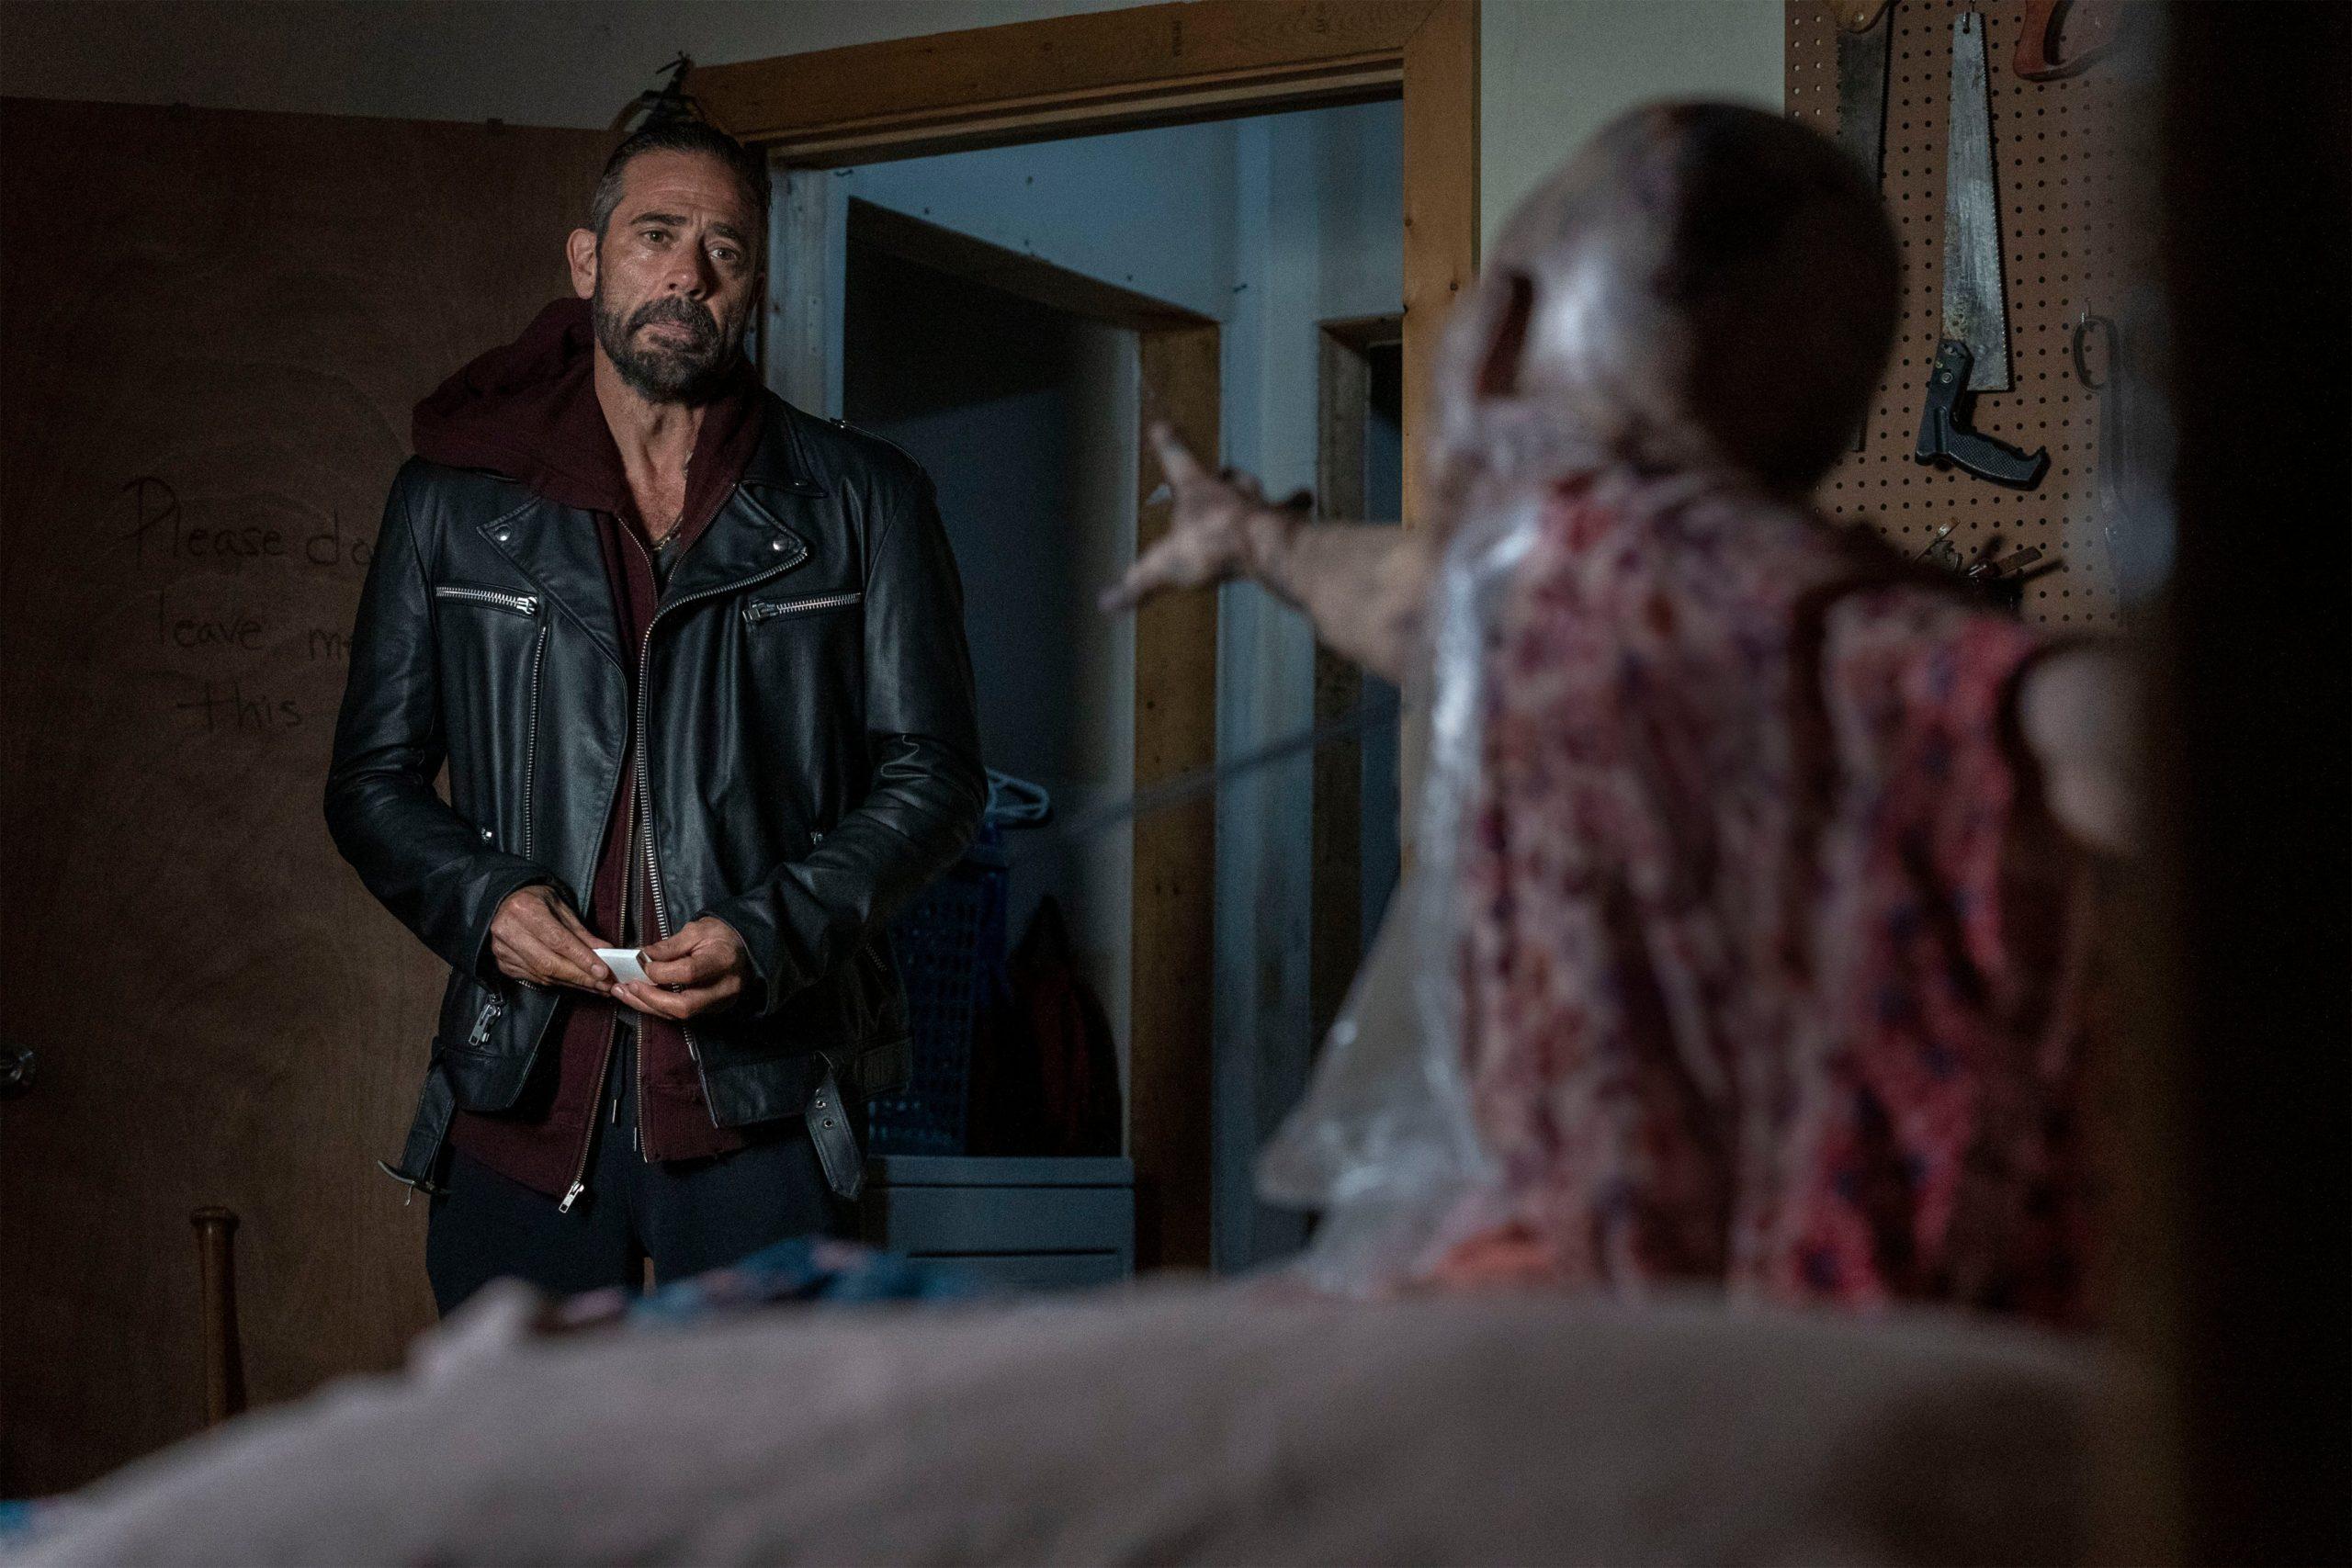 Cena de The Walking Dead. Nela, vemos Negan, papel de Jeffrey Dean Morgan, parado à porta, vendo sua esposa zumbificada presa à cama. Ele é branco, tem barba, usa jaqueta de couro. Ela é careca e está esticando a mão em direção a ele.